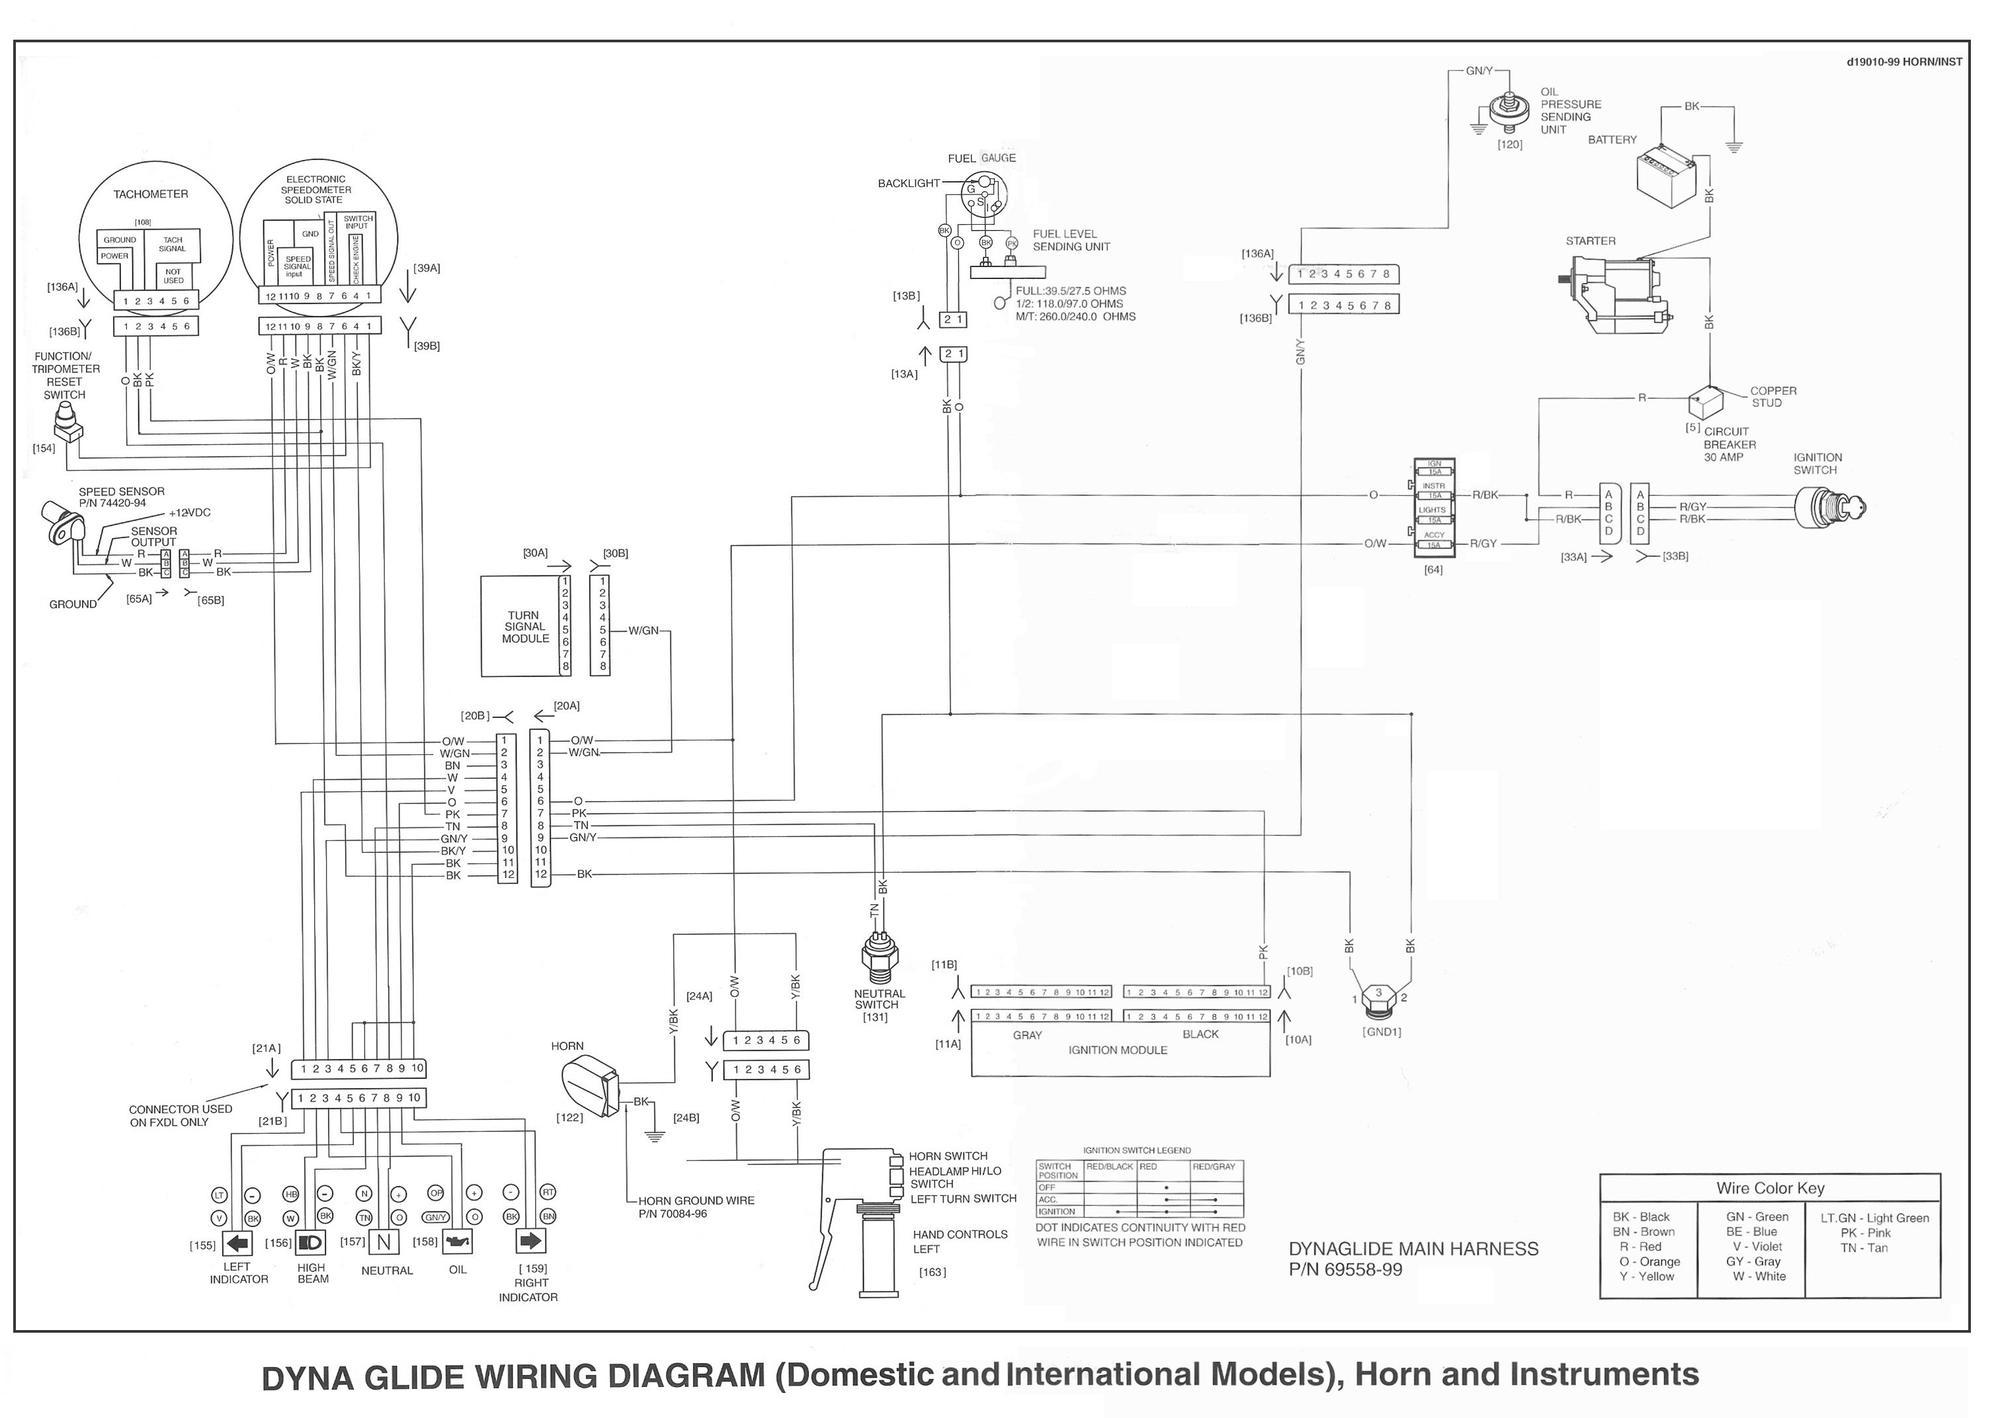 1999 harley fxst wiring diagram wiring schematic diagram 7simple harley  wiring diagram 1999 fxst wiring diagram